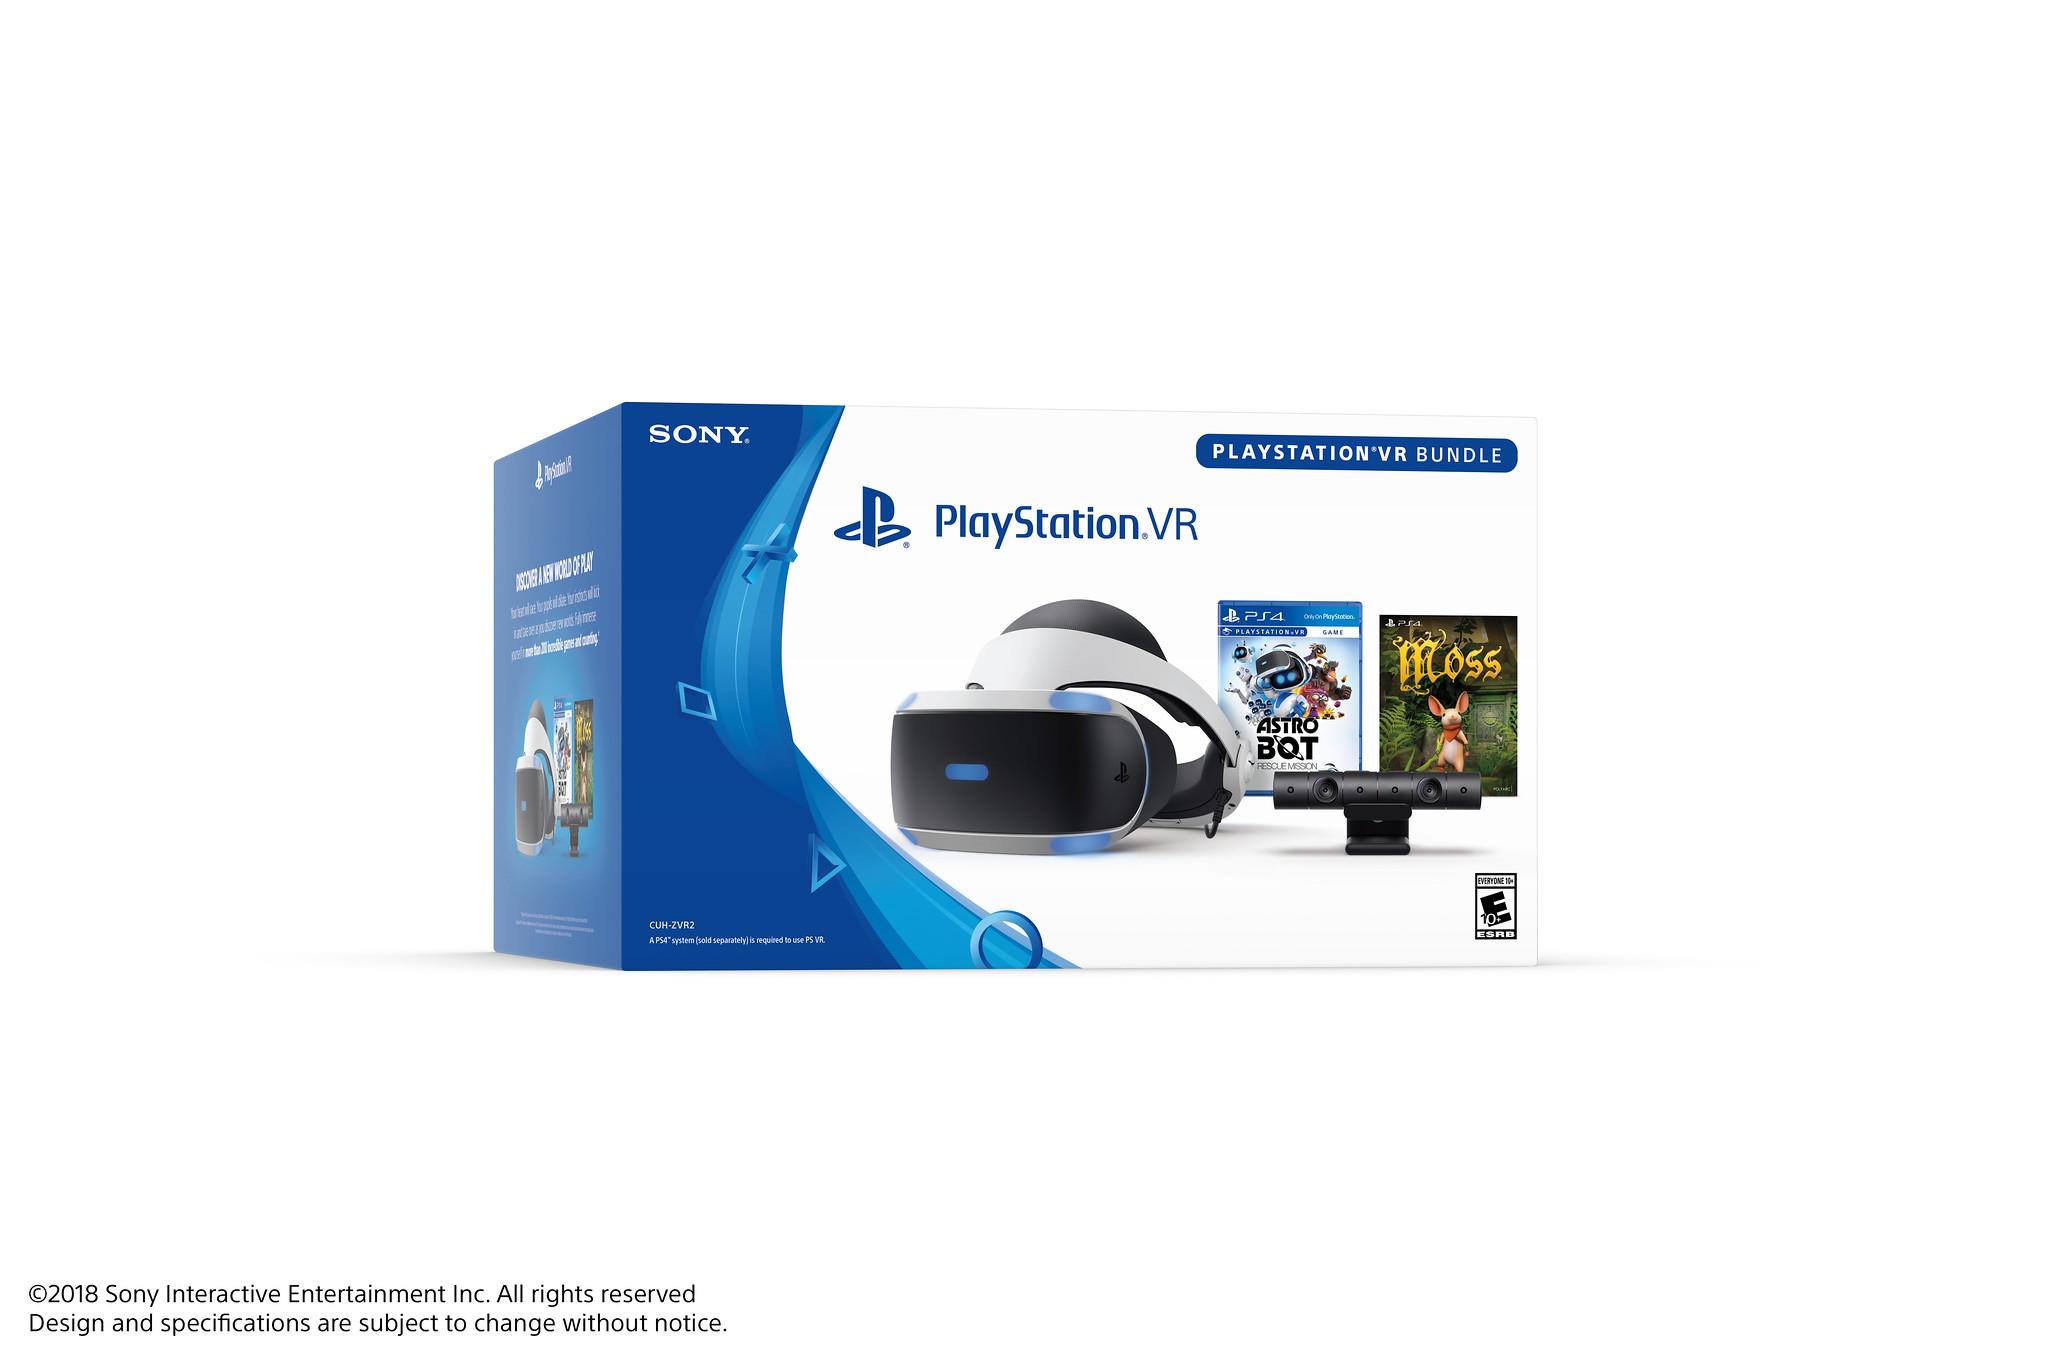 Nuevo Playstation Vr Bundle Llega A Latinoamerica E Incluye Dos